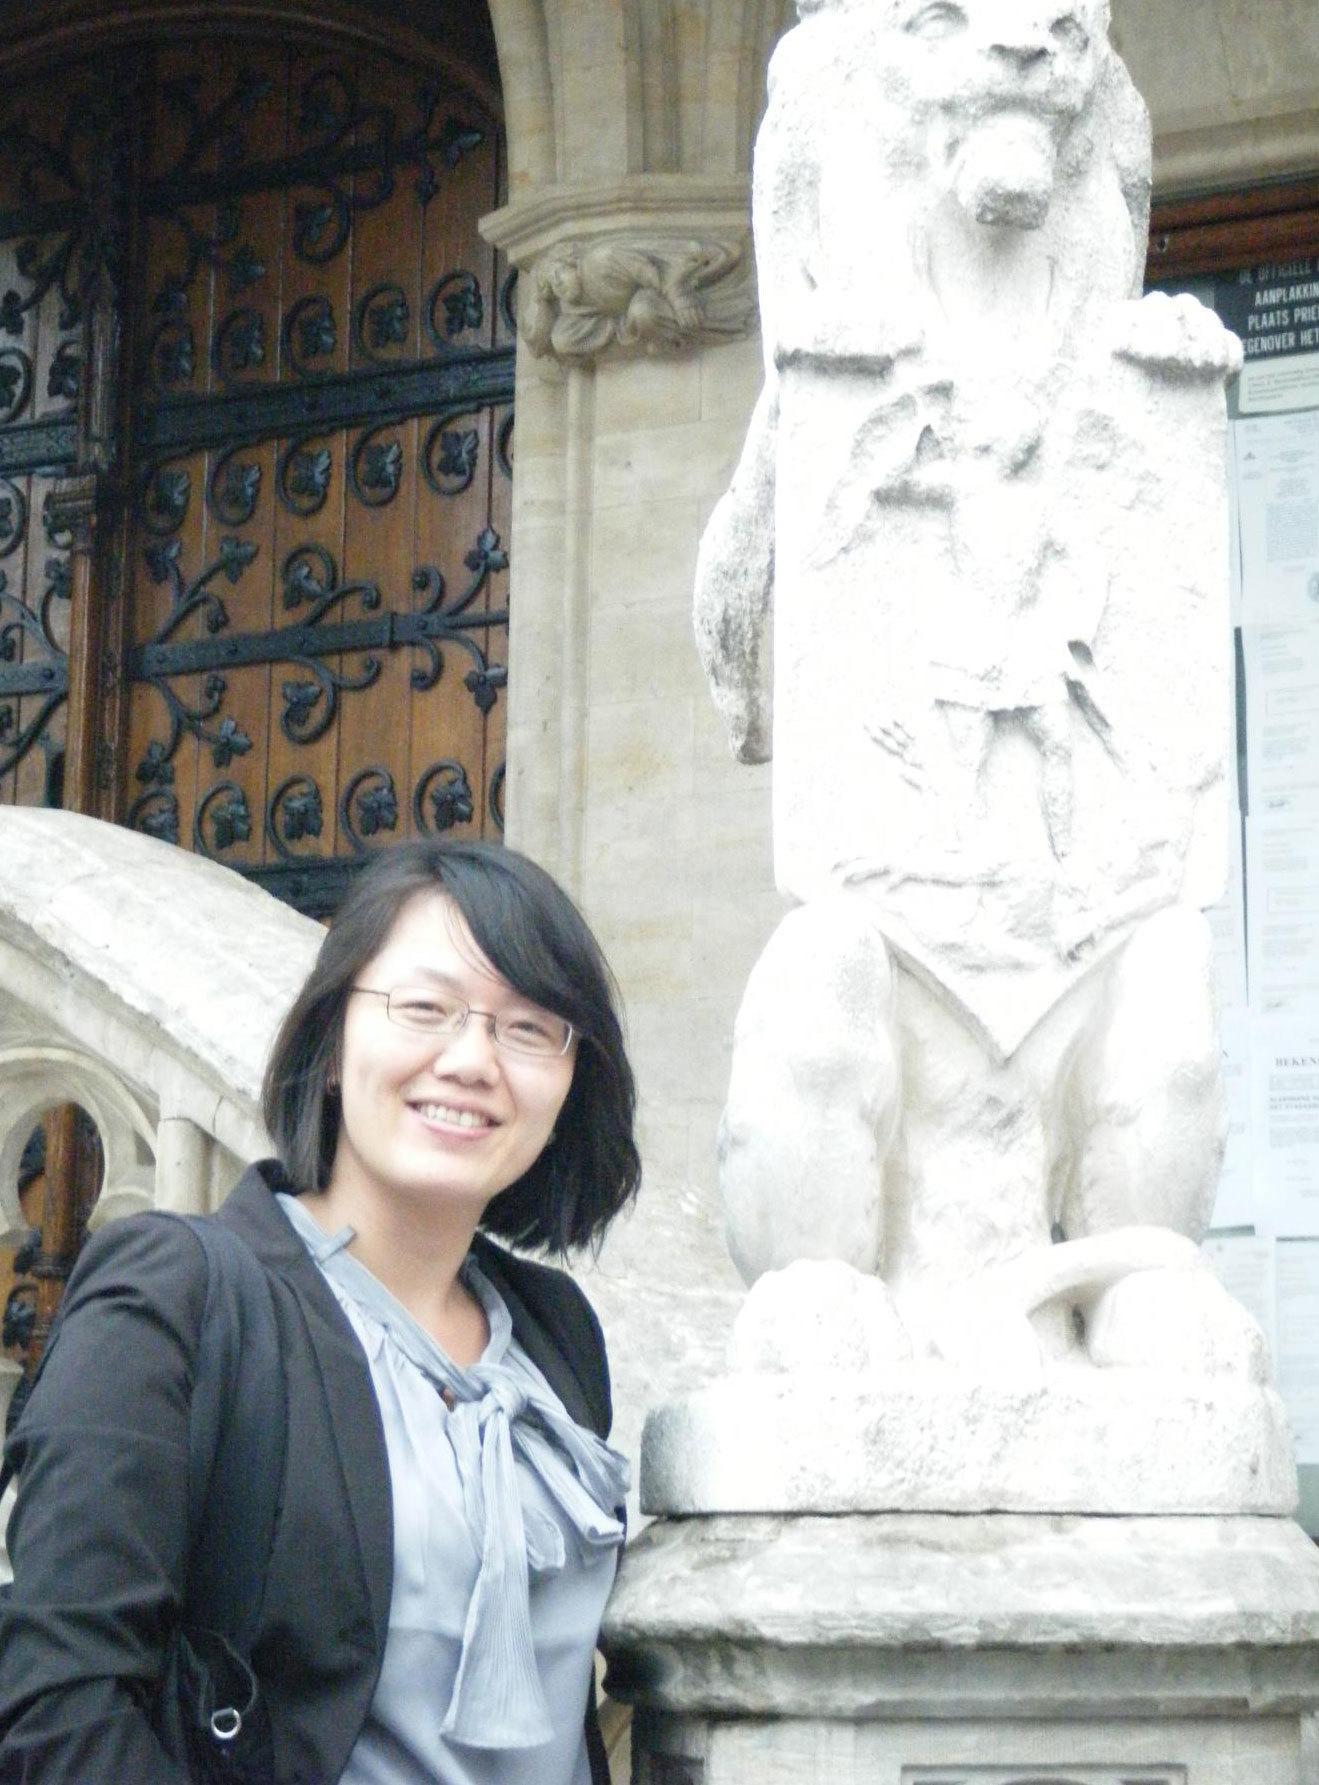 許慧瑩 Huei-Ying Lucille Hsu